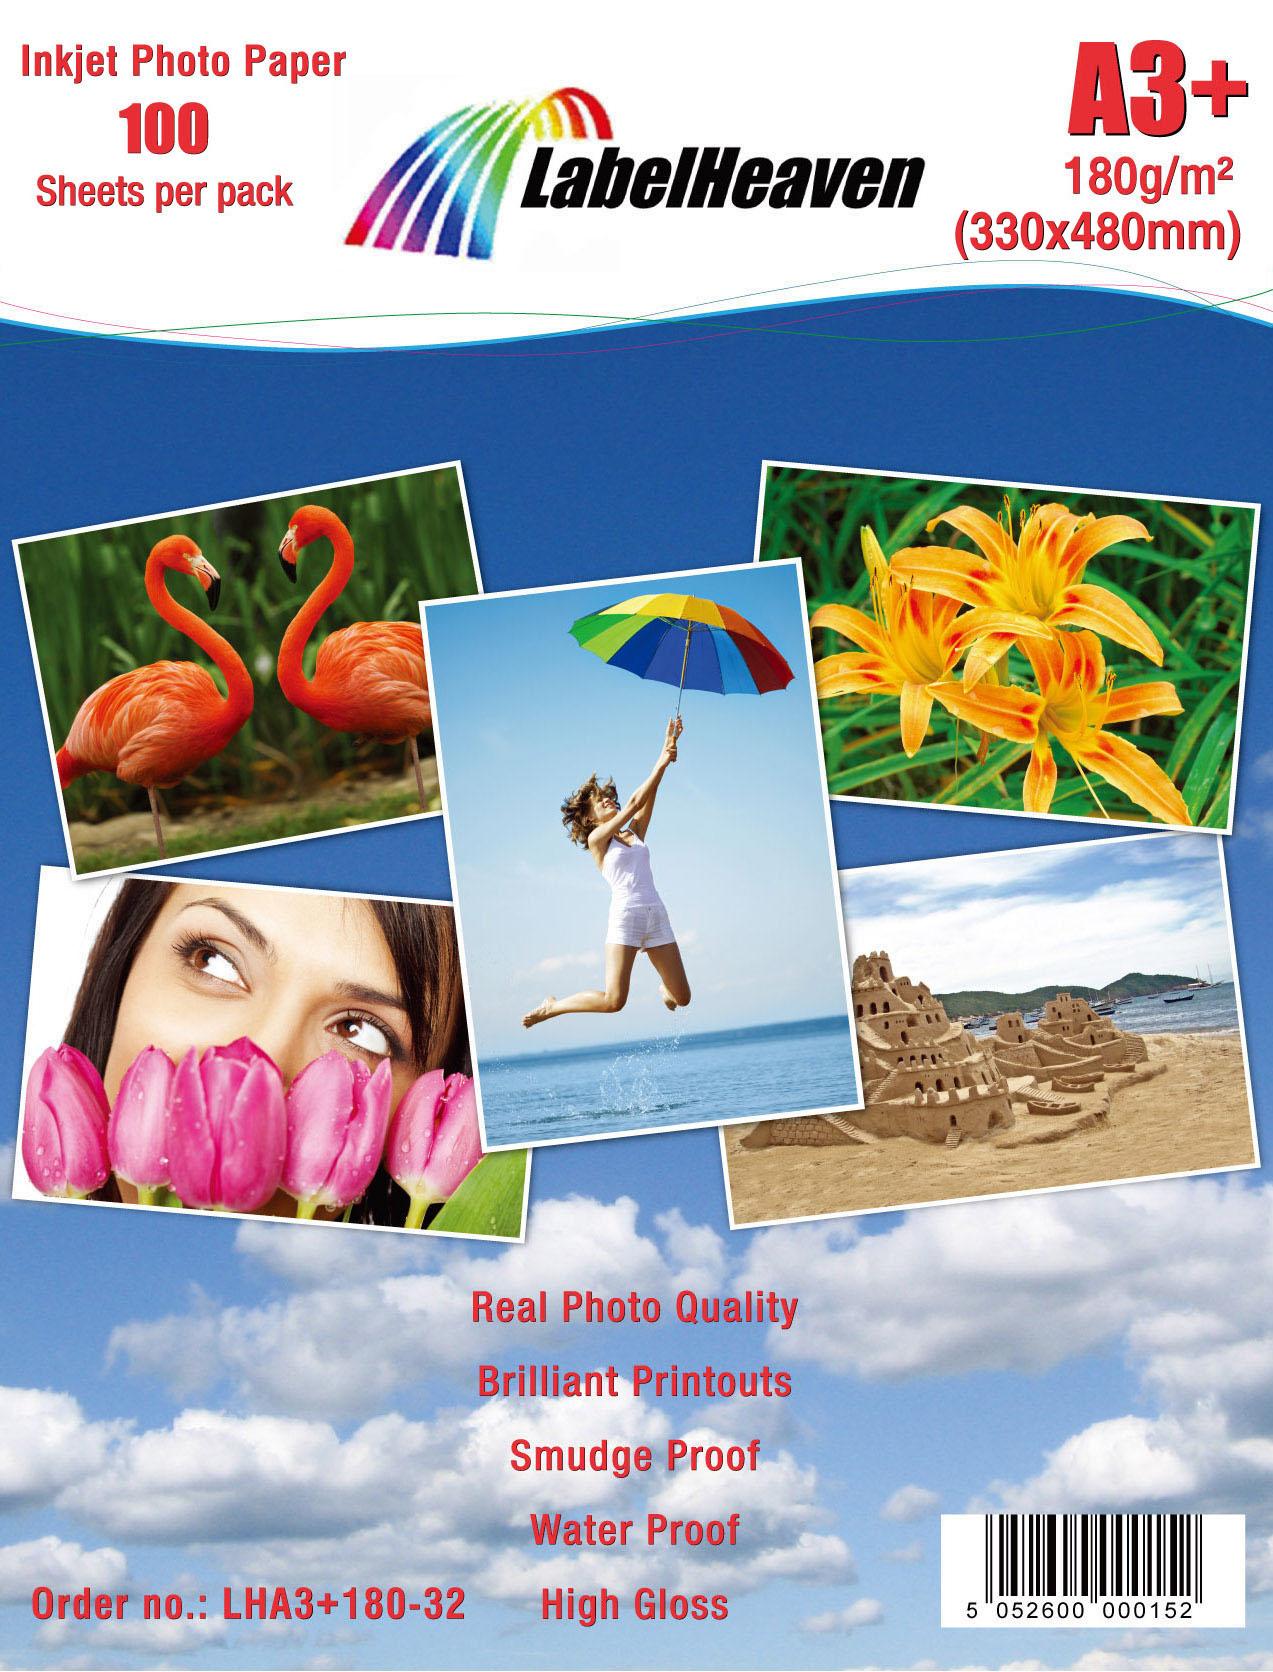 100 Blatt DIN A3+ 180g/m² Fotopapier HGlossy+wasserfest von LabelHeaven